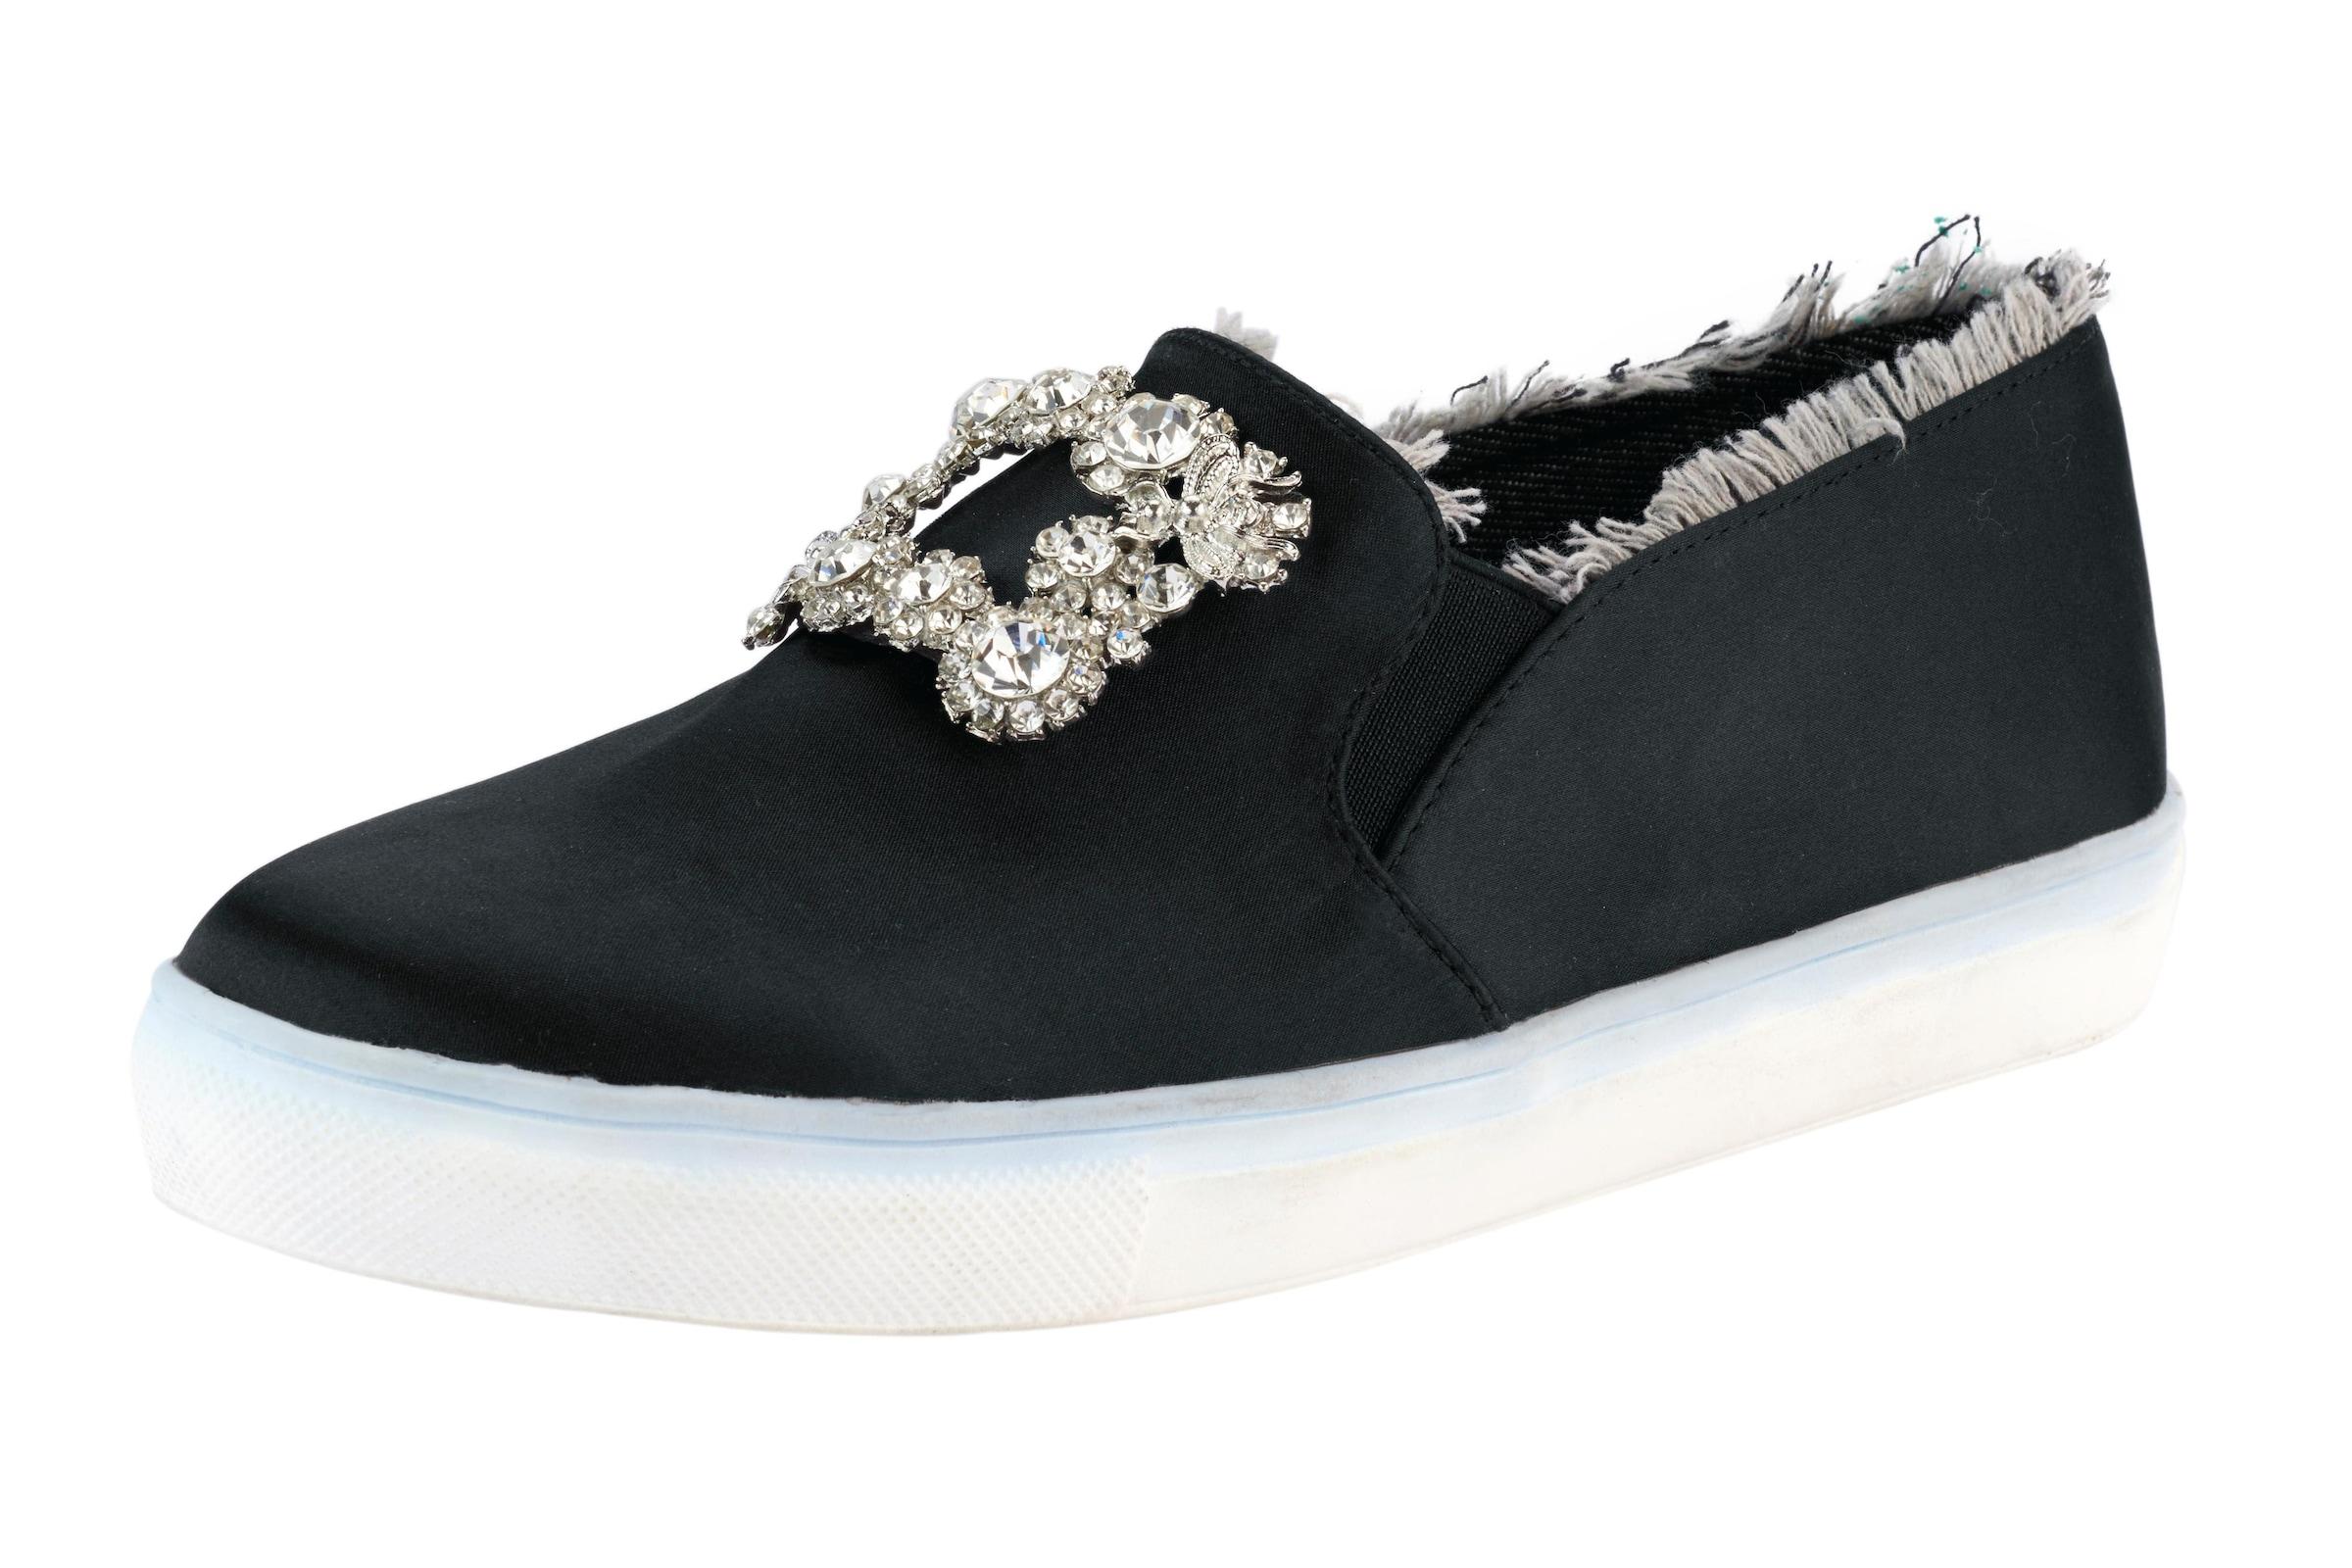 heine Slipper Verschleißfeste billige Schuhe Hohe Qualität